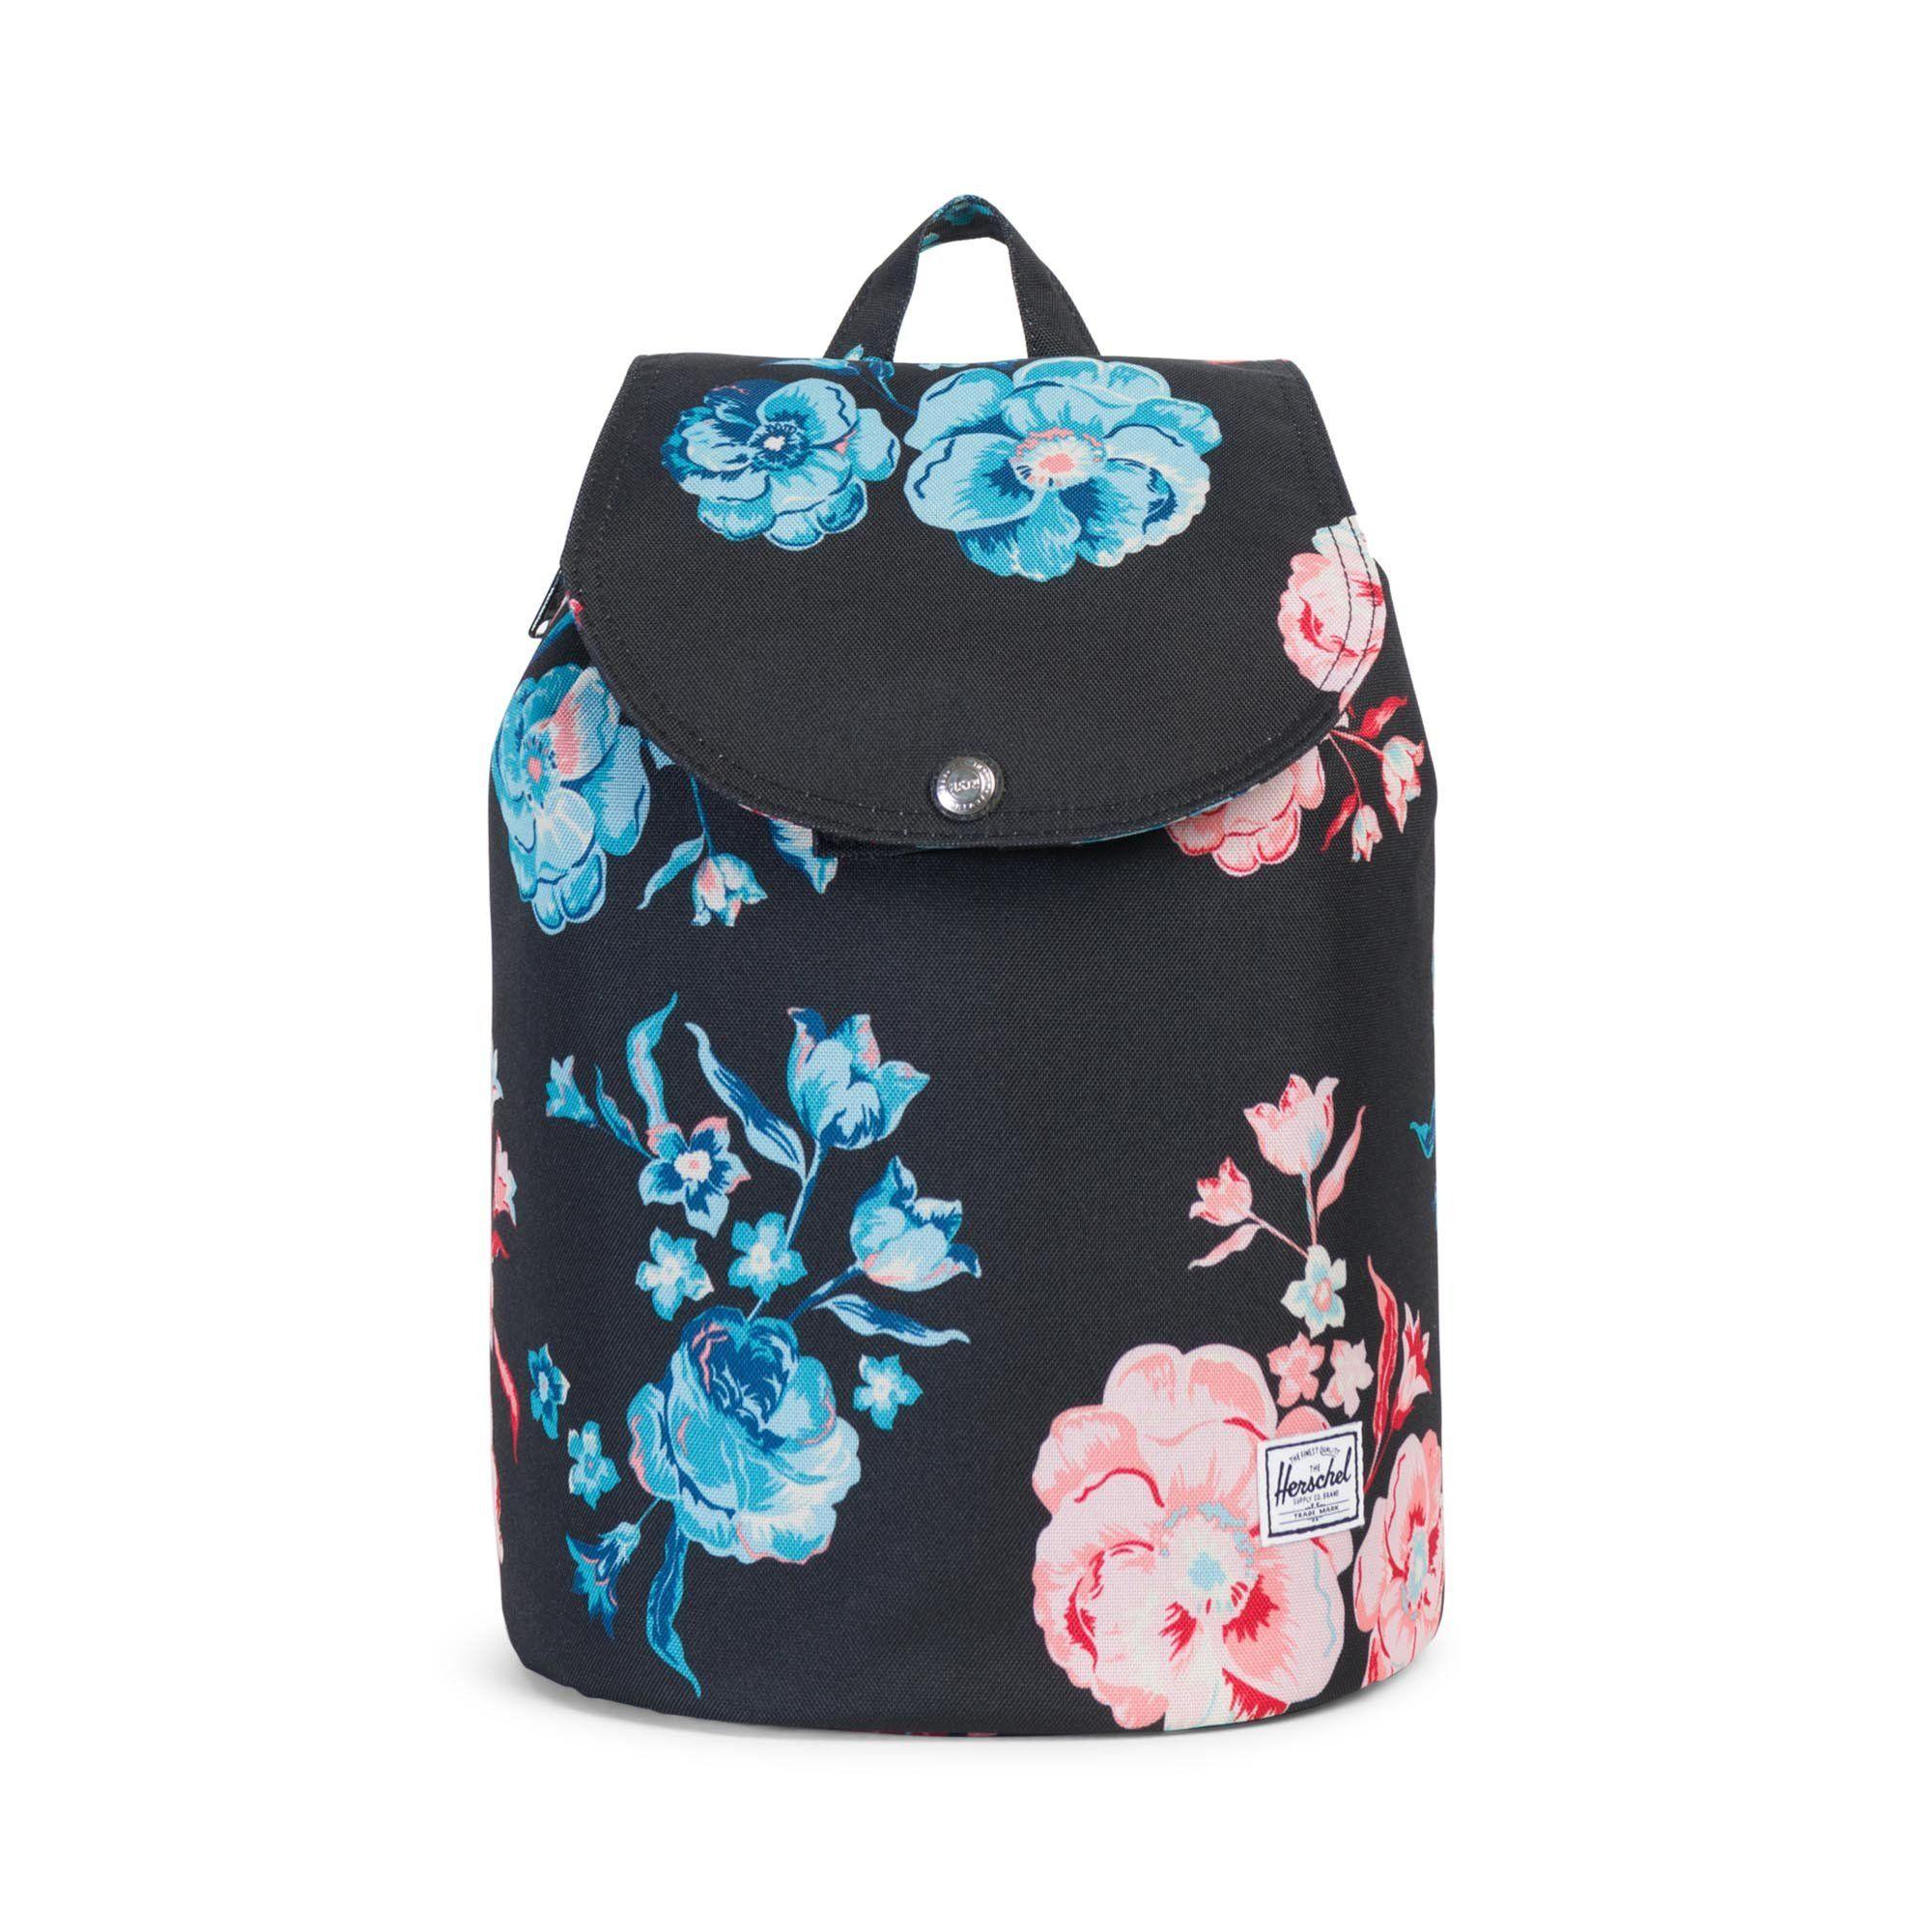 herschel rucksack blumen mynewbag herschel lederhandtaschen ledertasche und taschen. Black Bedroom Furniture Sets. Home Design Ideas